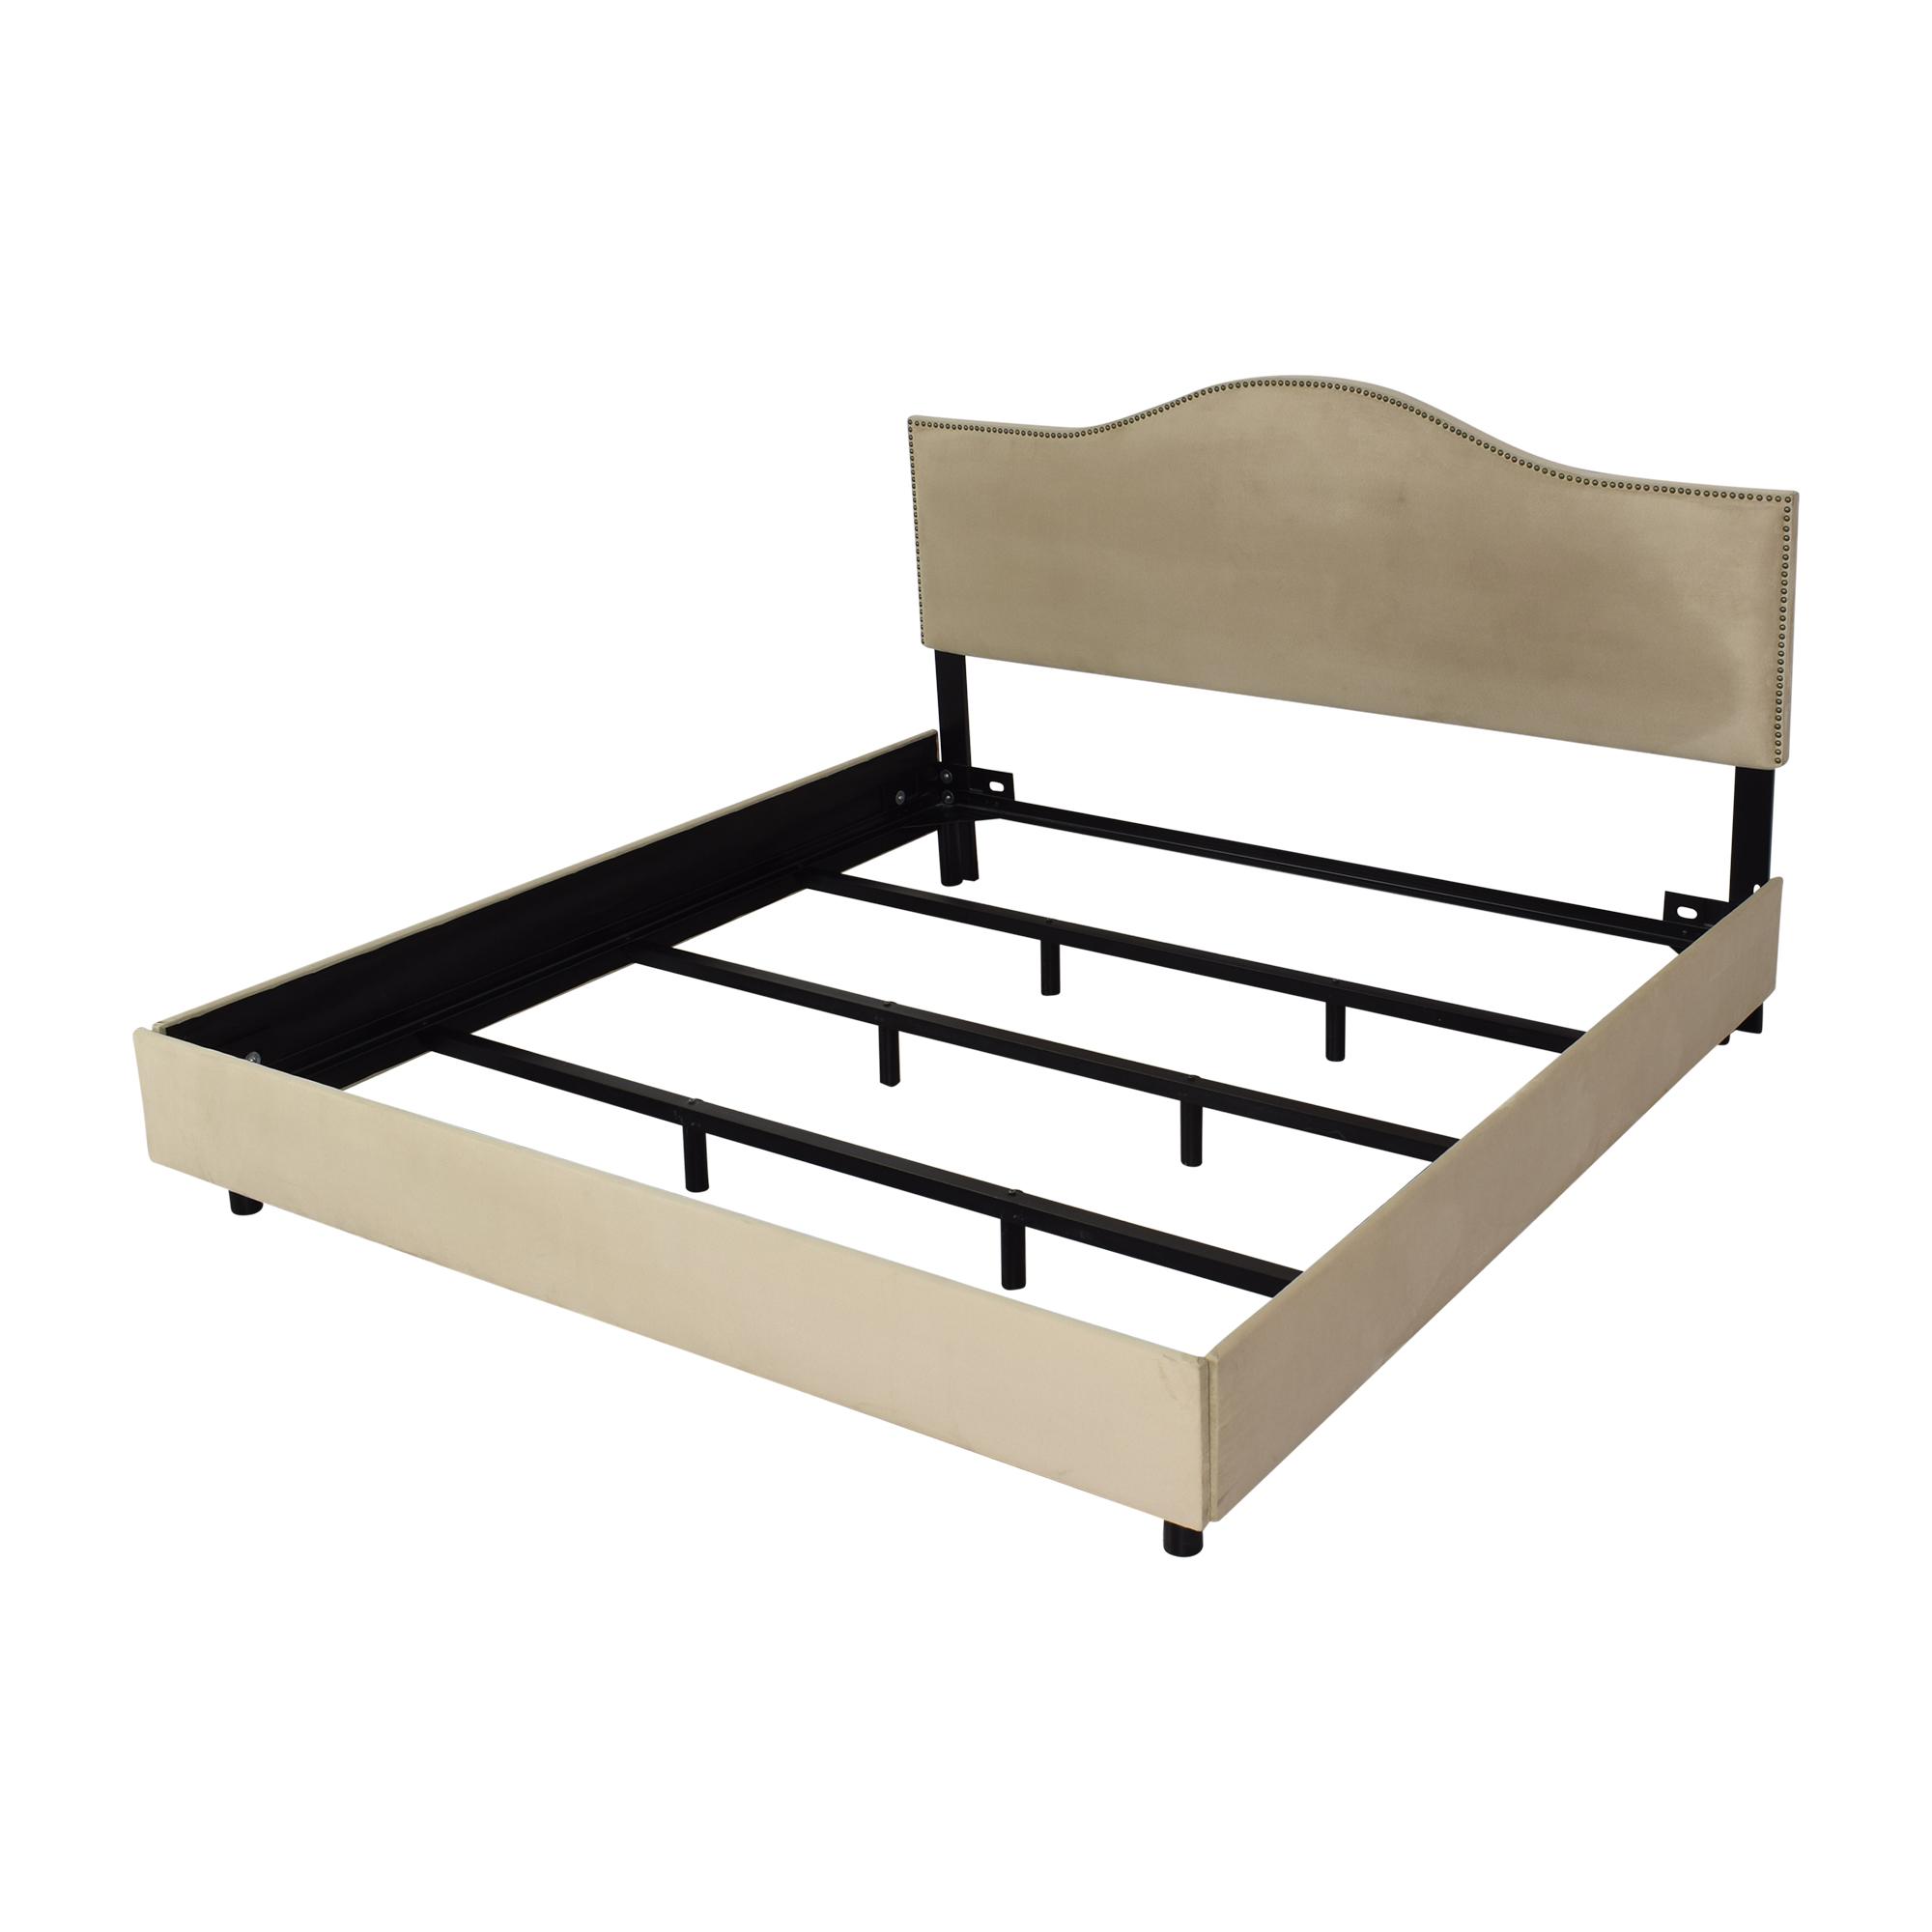 Skyline Furniture Skyline Furniture Upholstered King Bed price